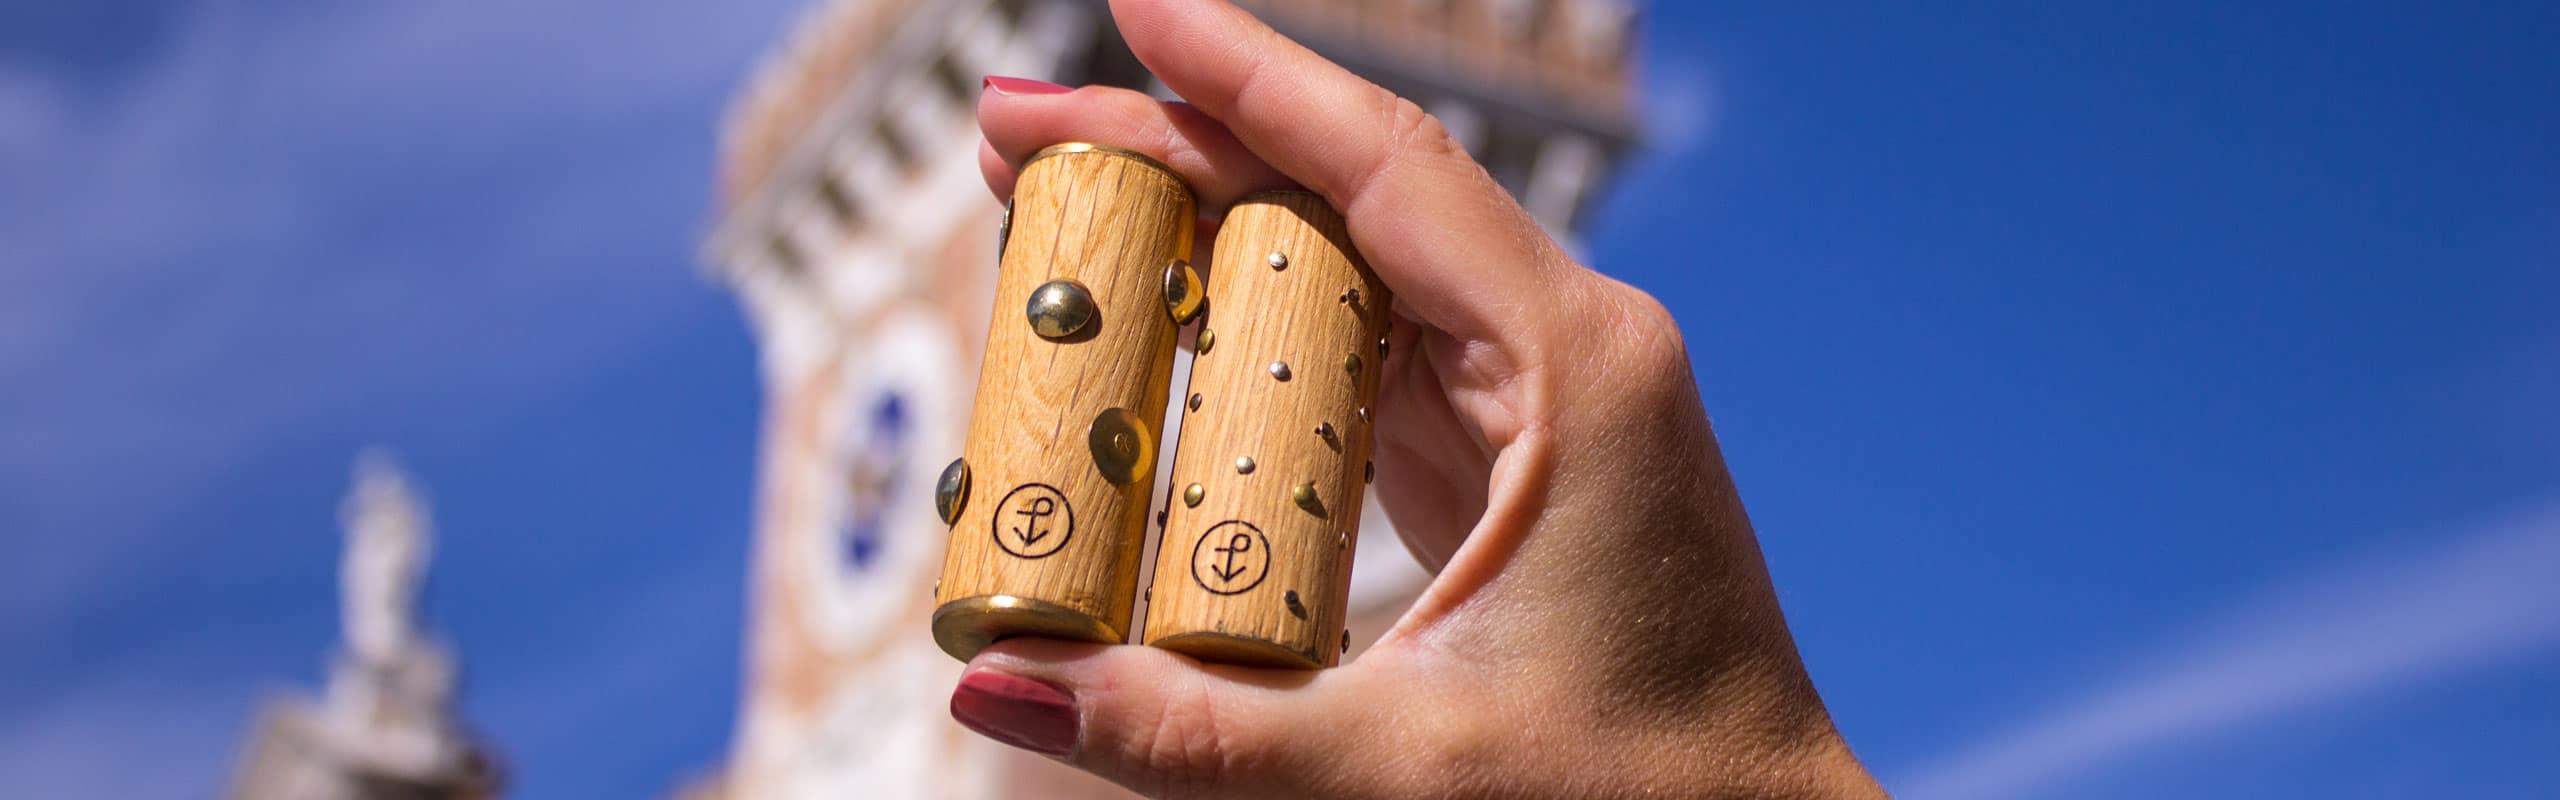 souvenir-venezia-online